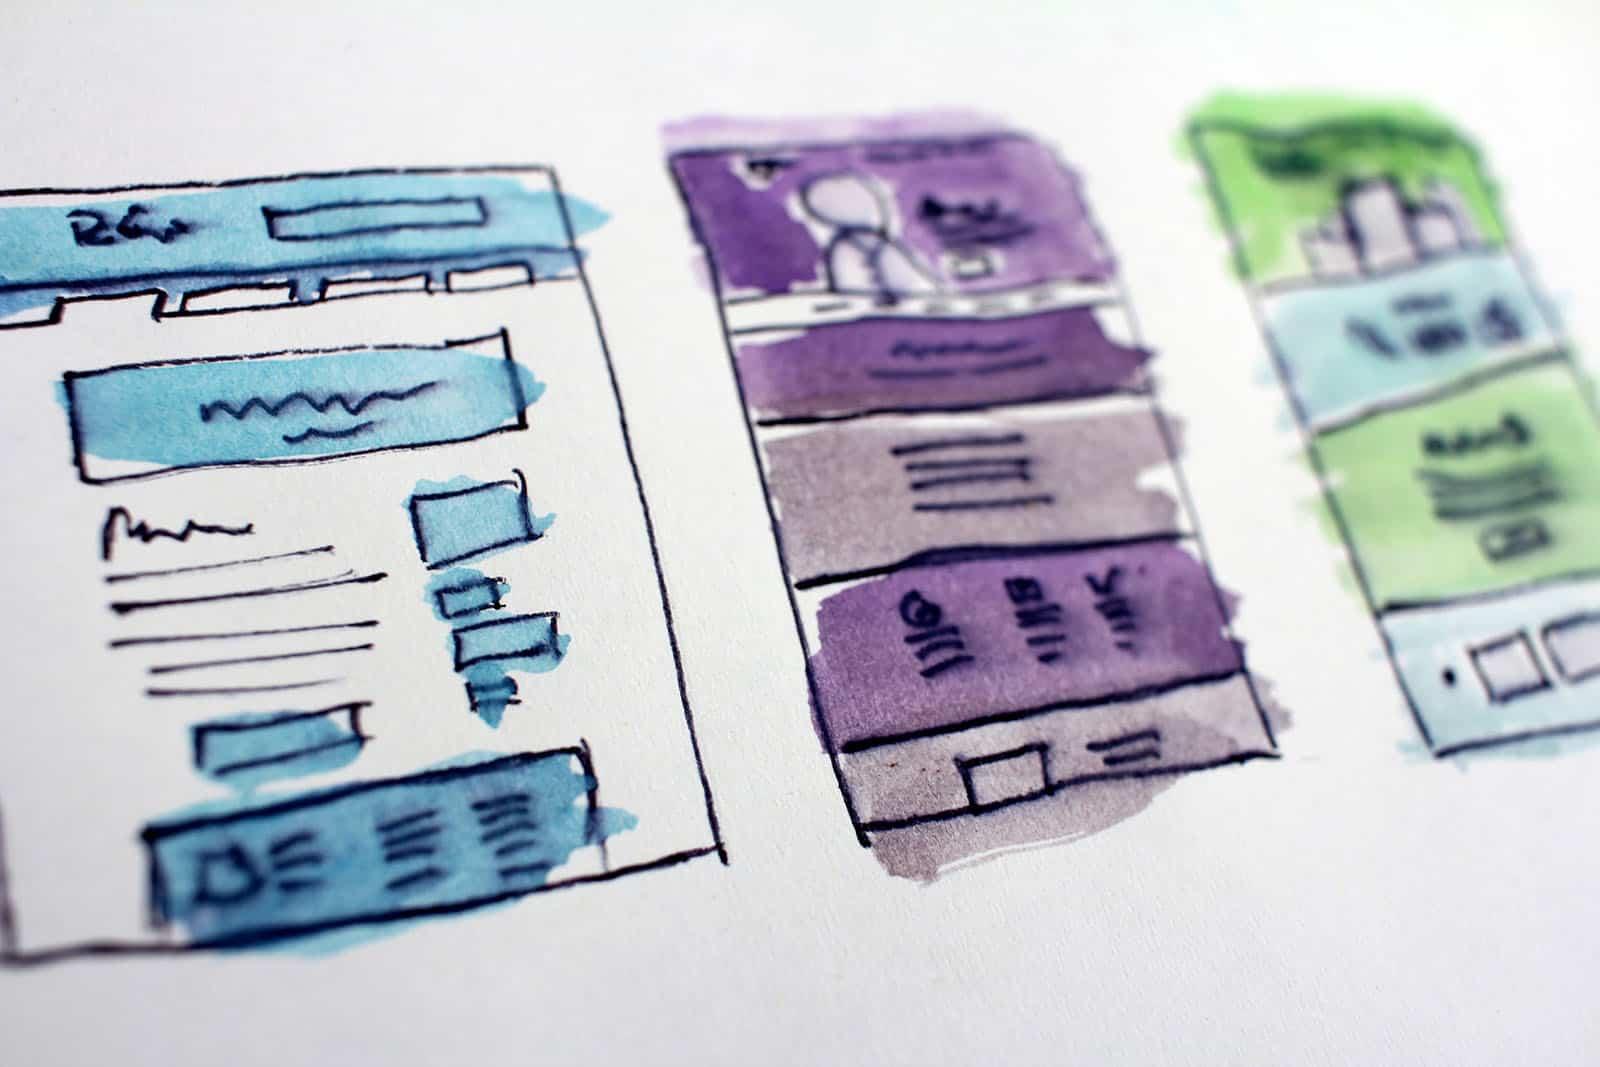 固定ページ先頭のタイトルや公開日を非表示にしてページ先頭に大きく画像を表示する方法